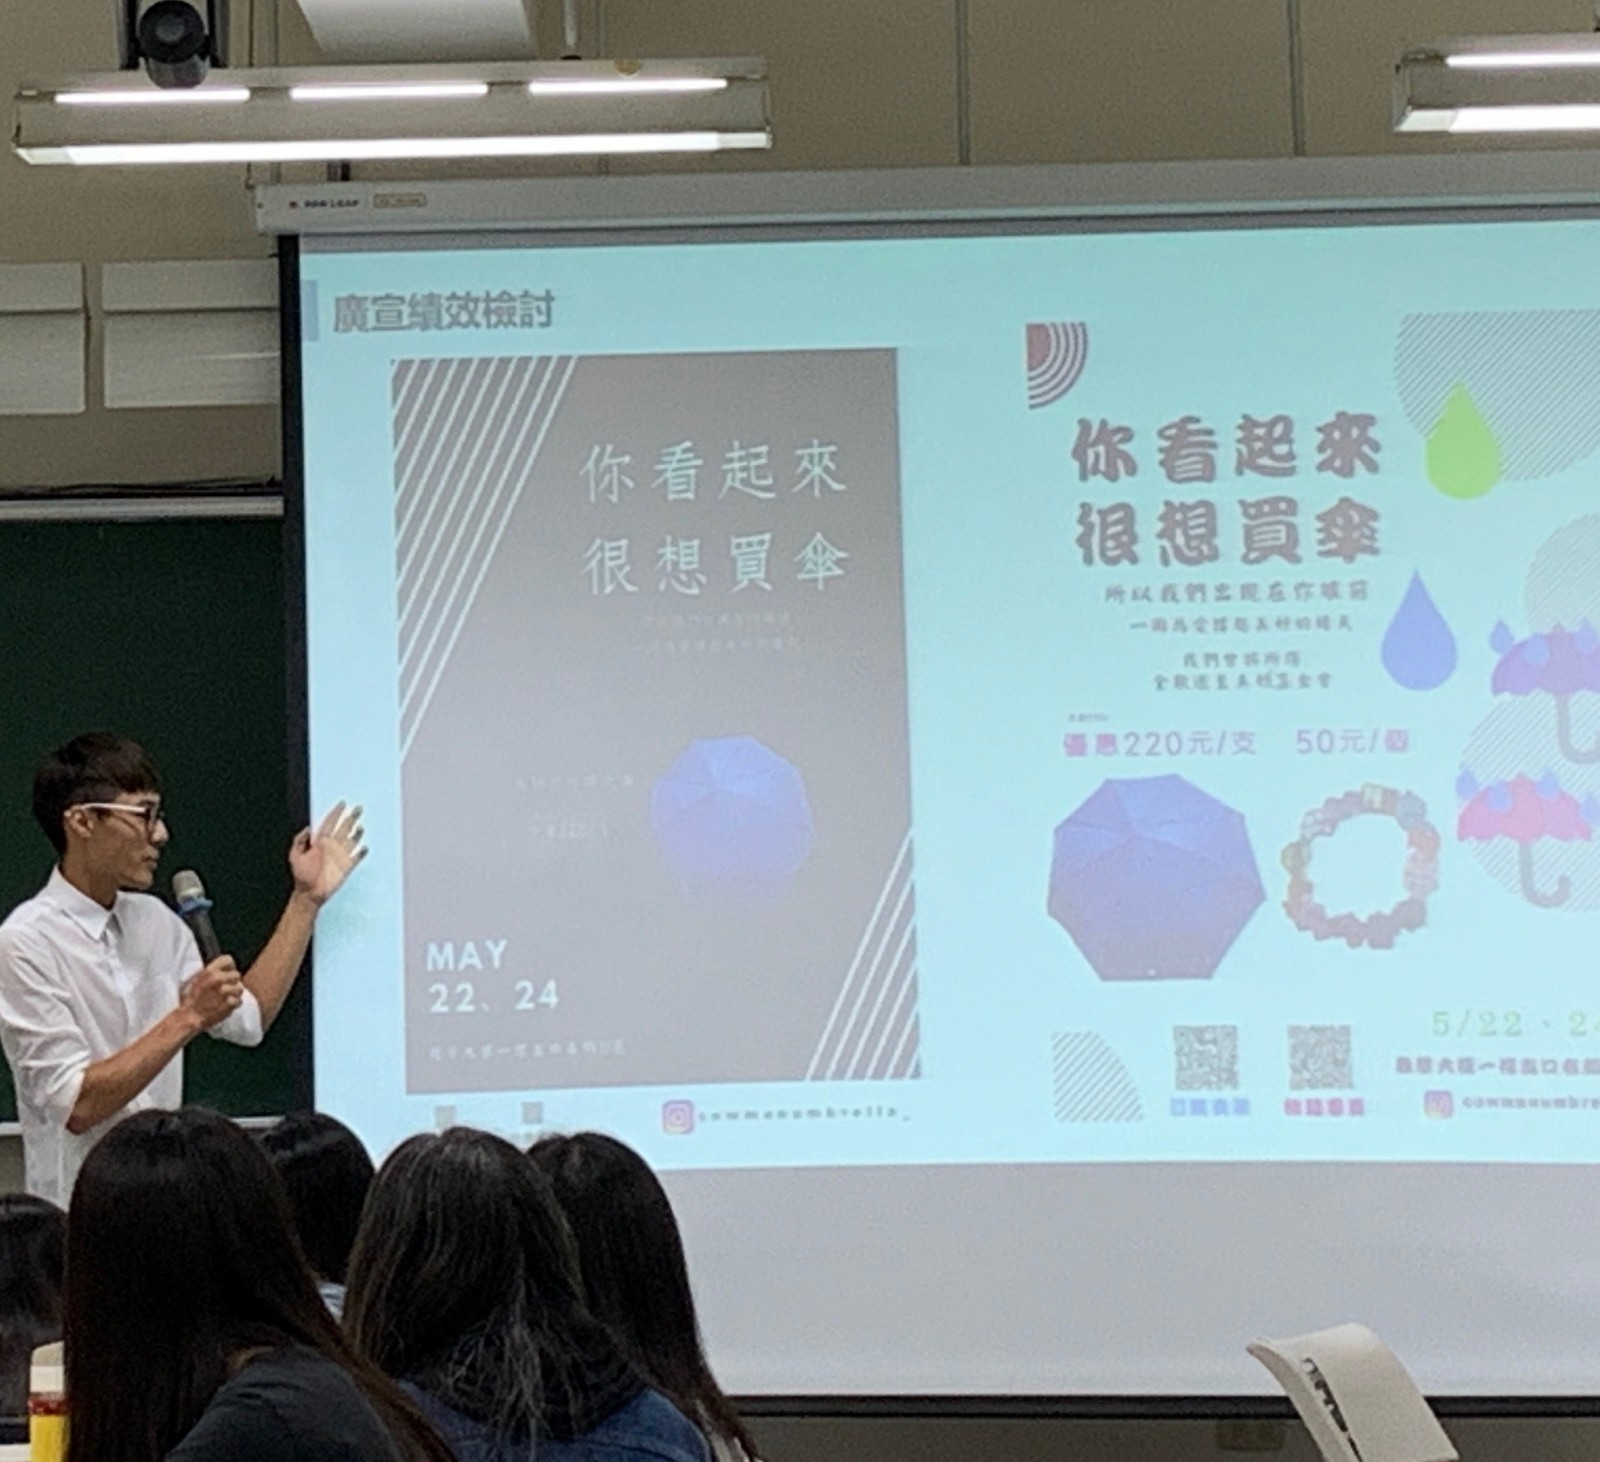 中原大學「企業概論」課程是讓學生以企業營運的模式執行公益專案.jpg